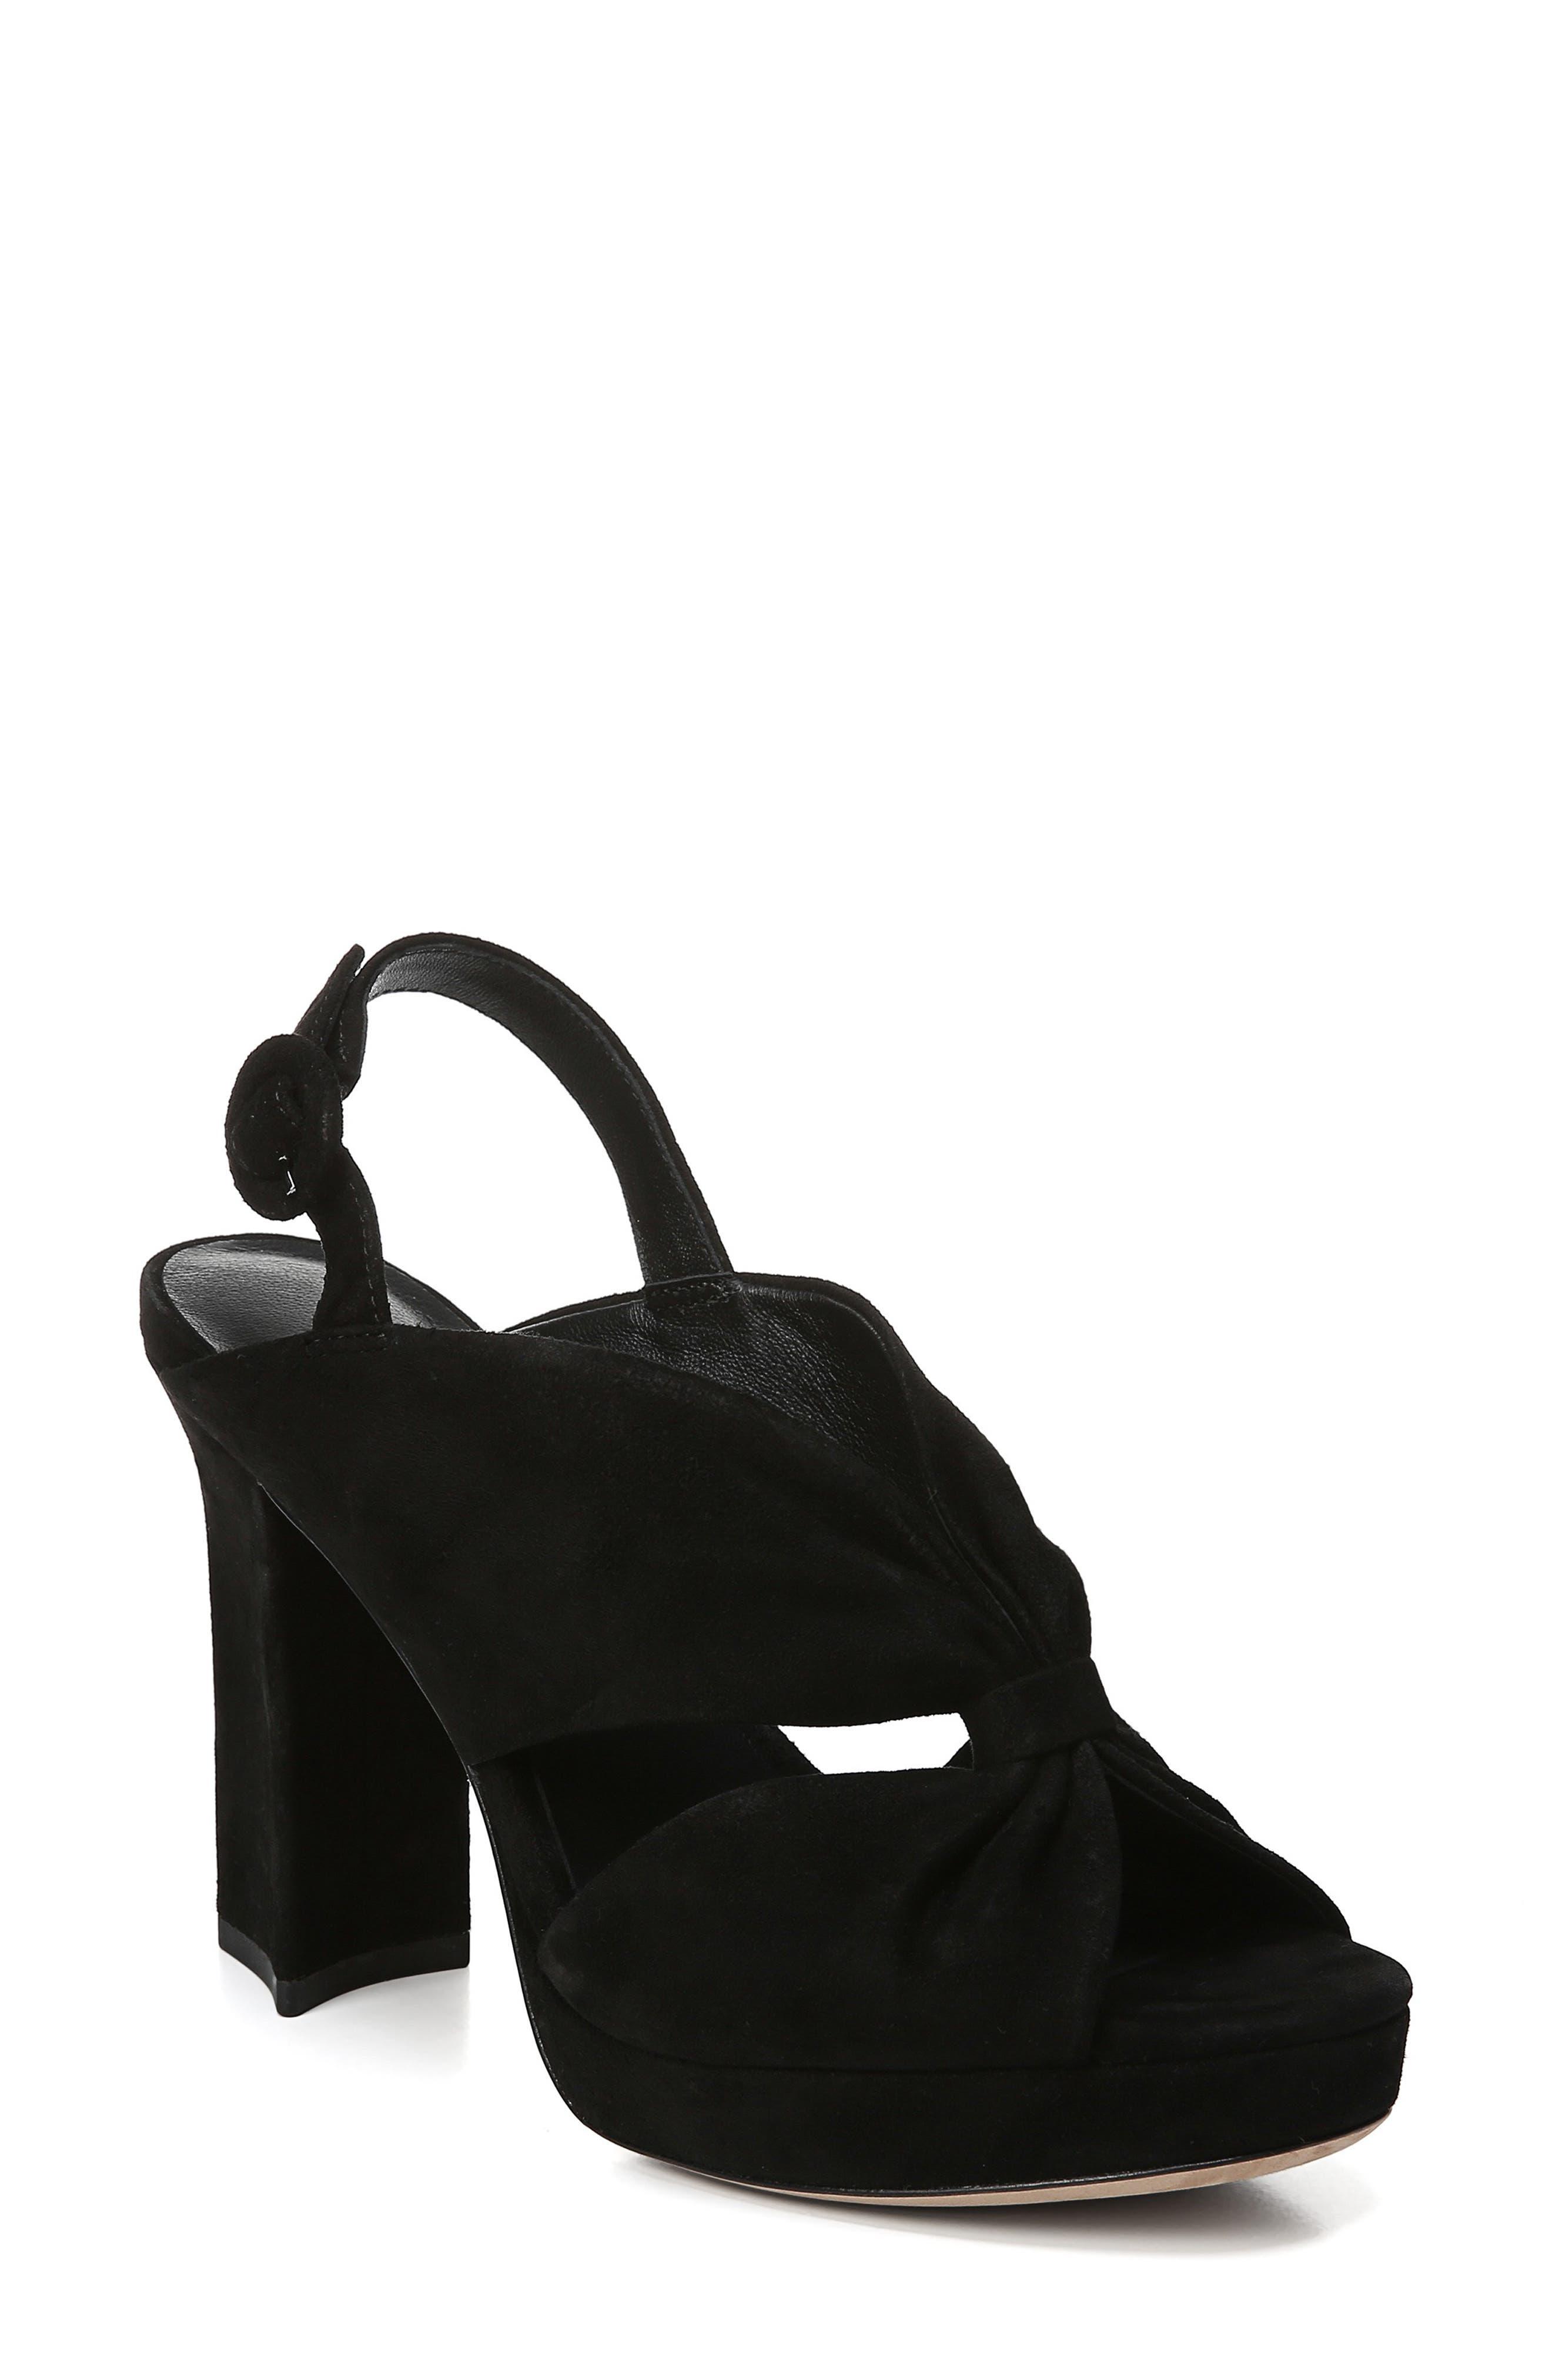 Diane Von Furstenberg Heidi Platform Sandal, Black